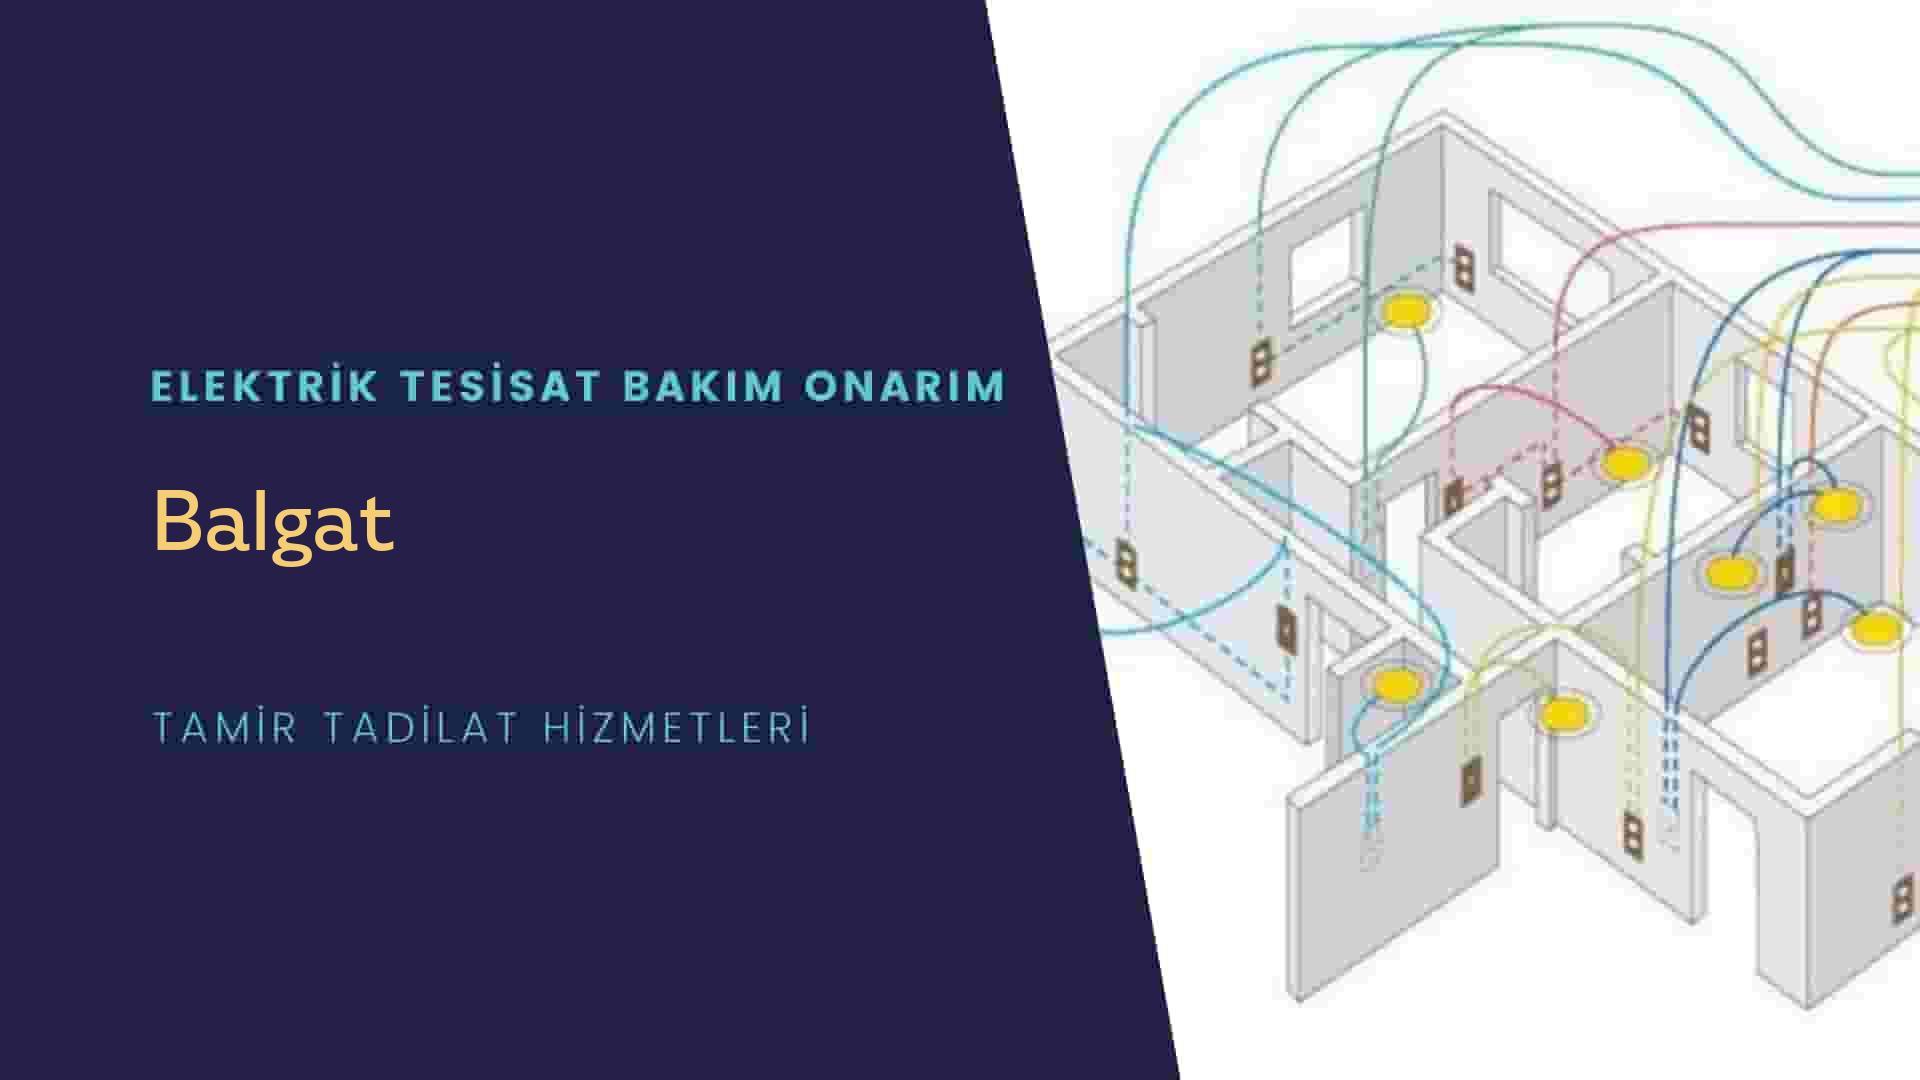 Balgat'ta elektrik tesisatıustalarımı arıyorsunuz doğru adrestenizi Balgat elektrik tesisatı ustalarımız 7/24 sizlere hizmet vermekten mutluluk duyar.